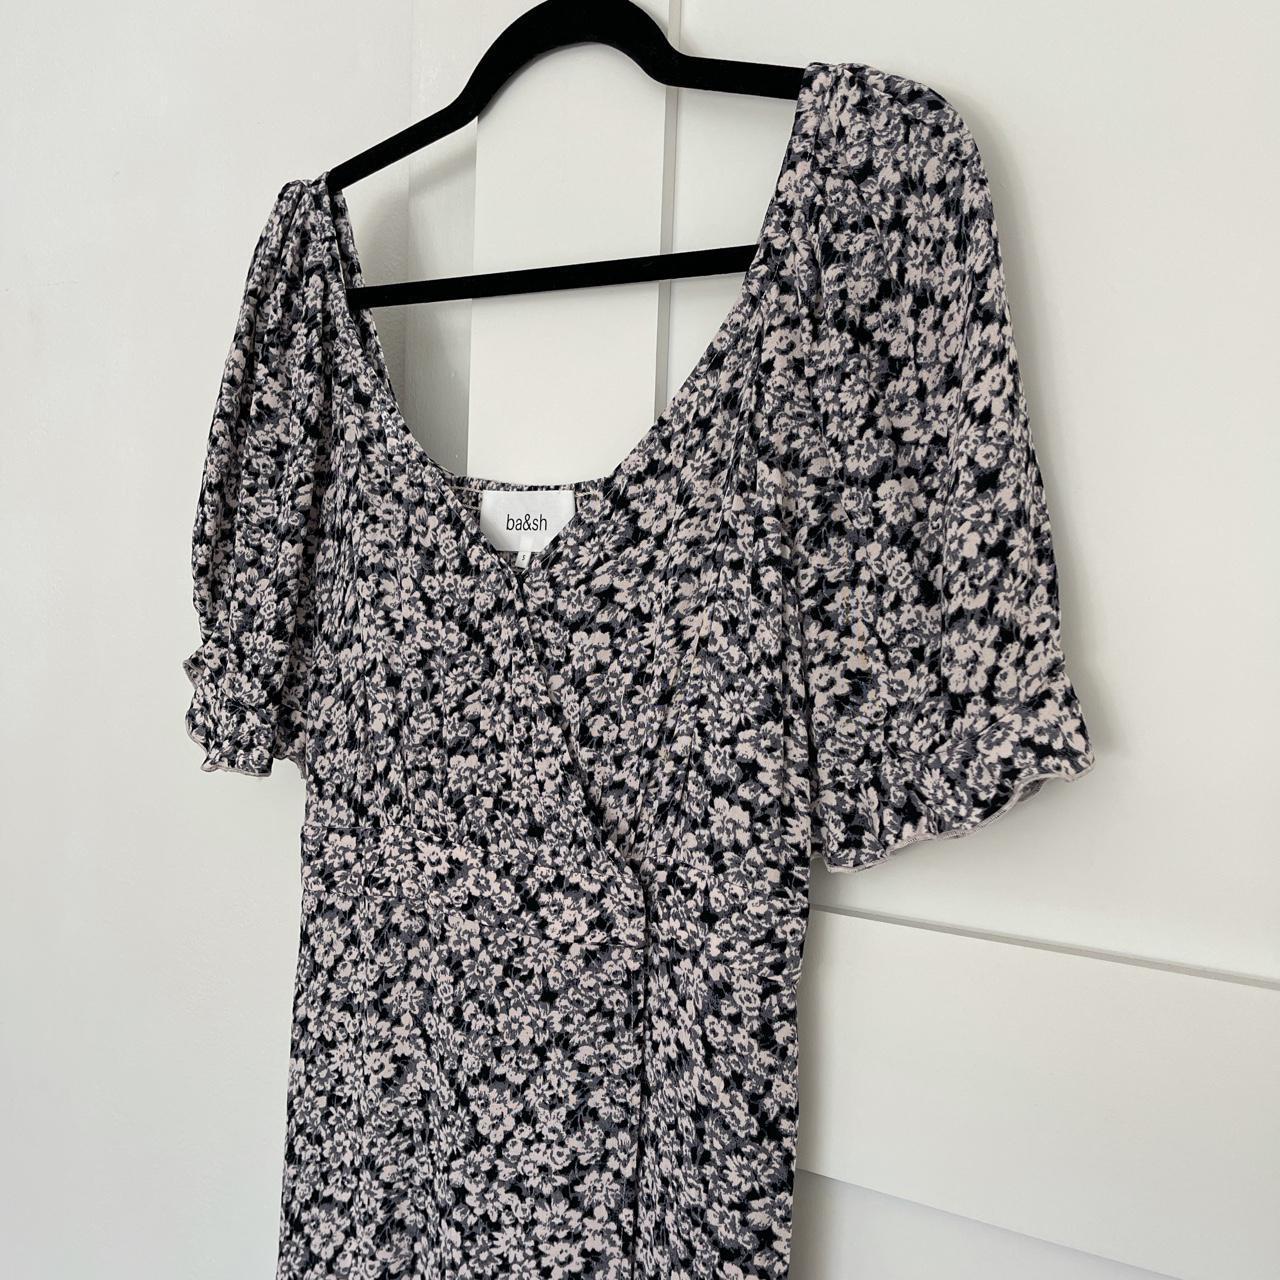 Product Image 1 - Bash Paris dress, perfect condition